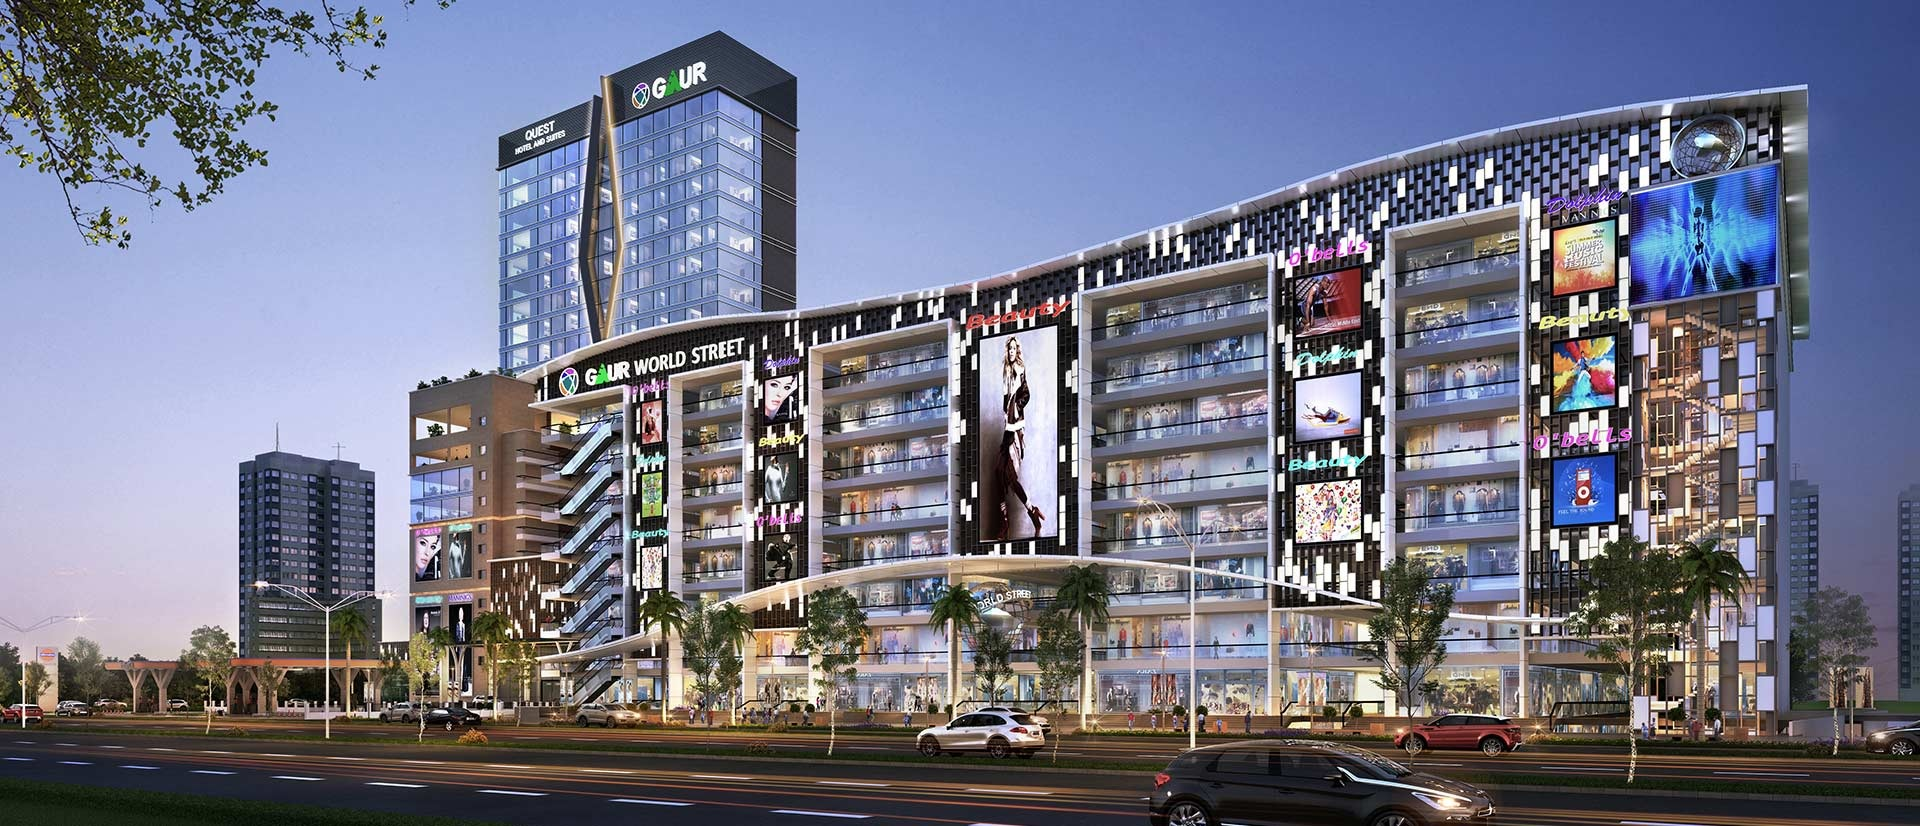 gaur world street tower view6